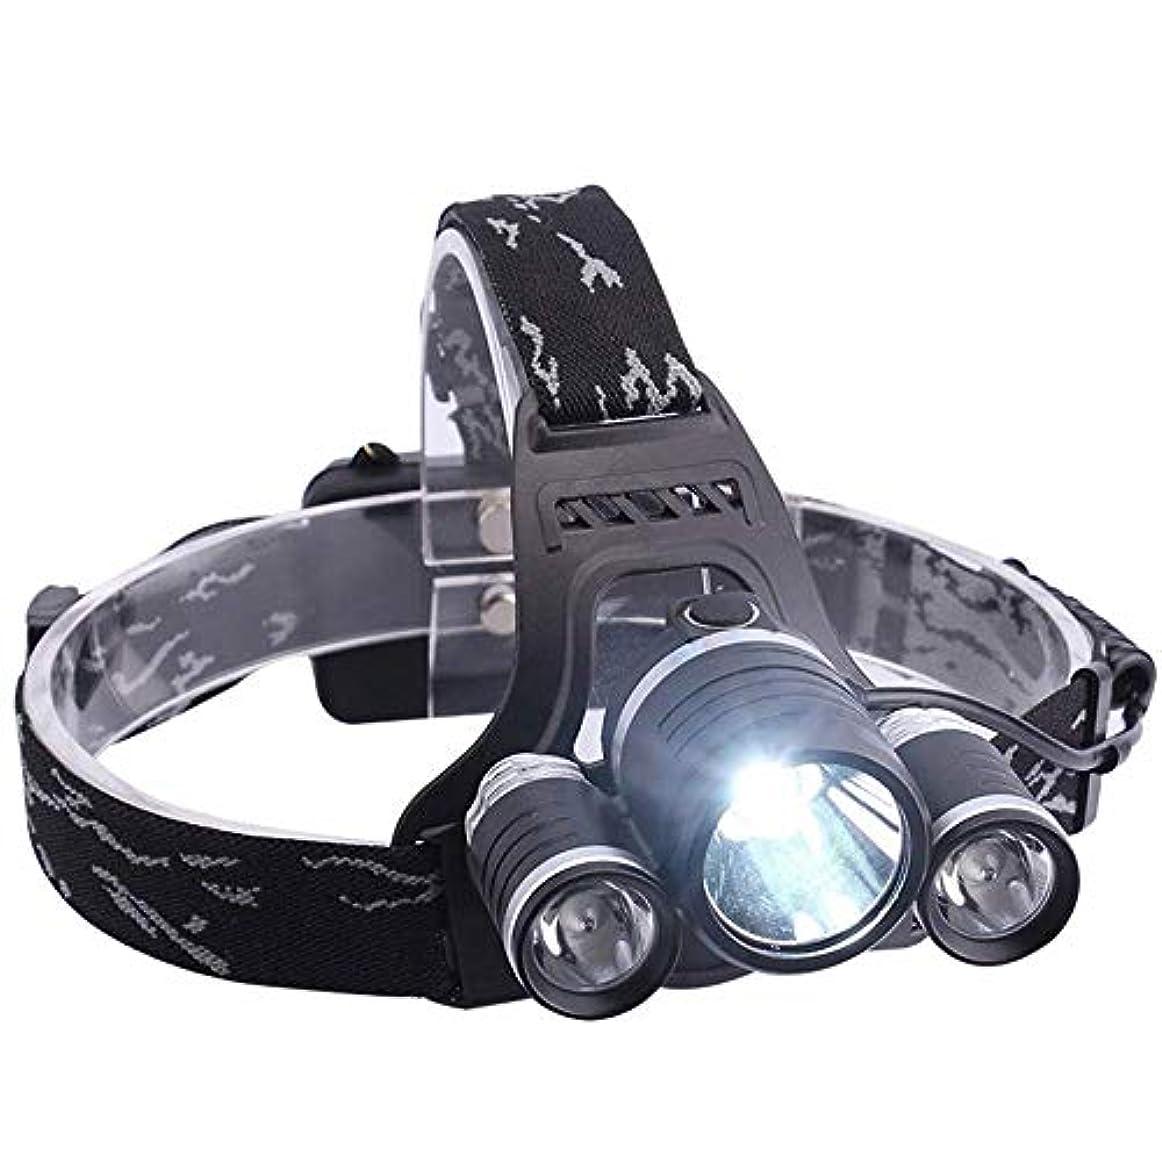 所得ワーディアンケース派手ZAIHW LEDヘッドランプスーパーブライト懐中電灯4ライトモード防水充電式ヘッドライトキャンプ読書用雨天ヘッドマウントライト